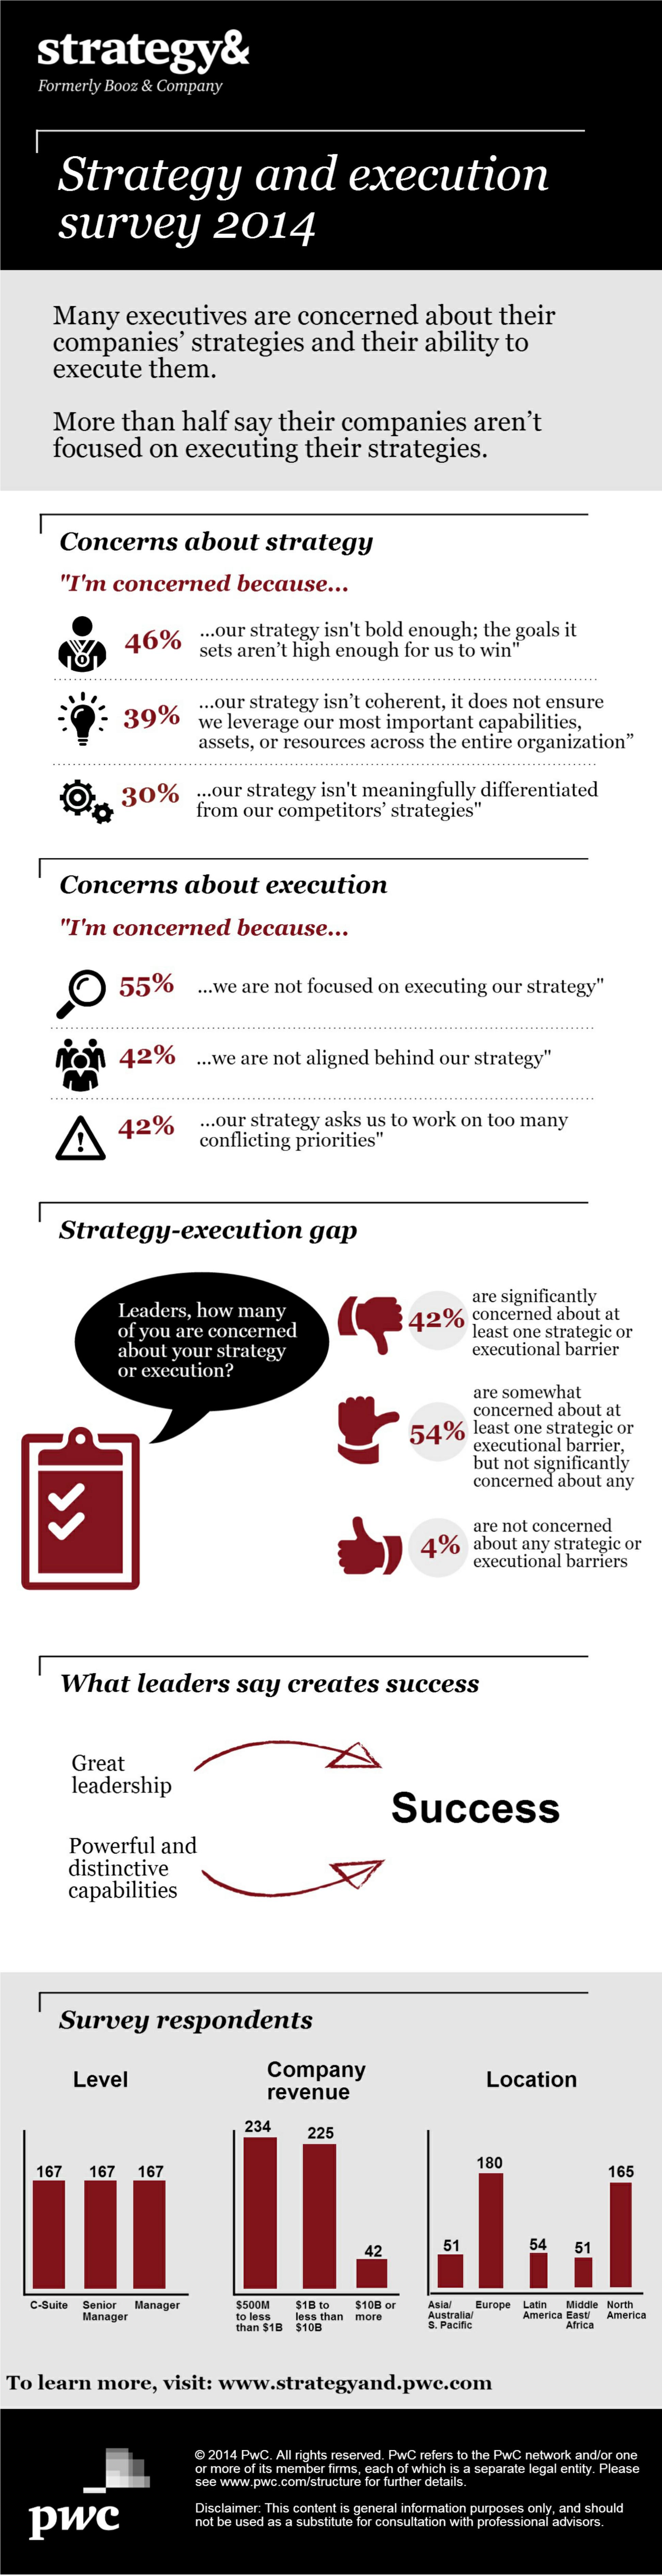 Cadres dirigeants & stratégie d'entreprise (infographie)